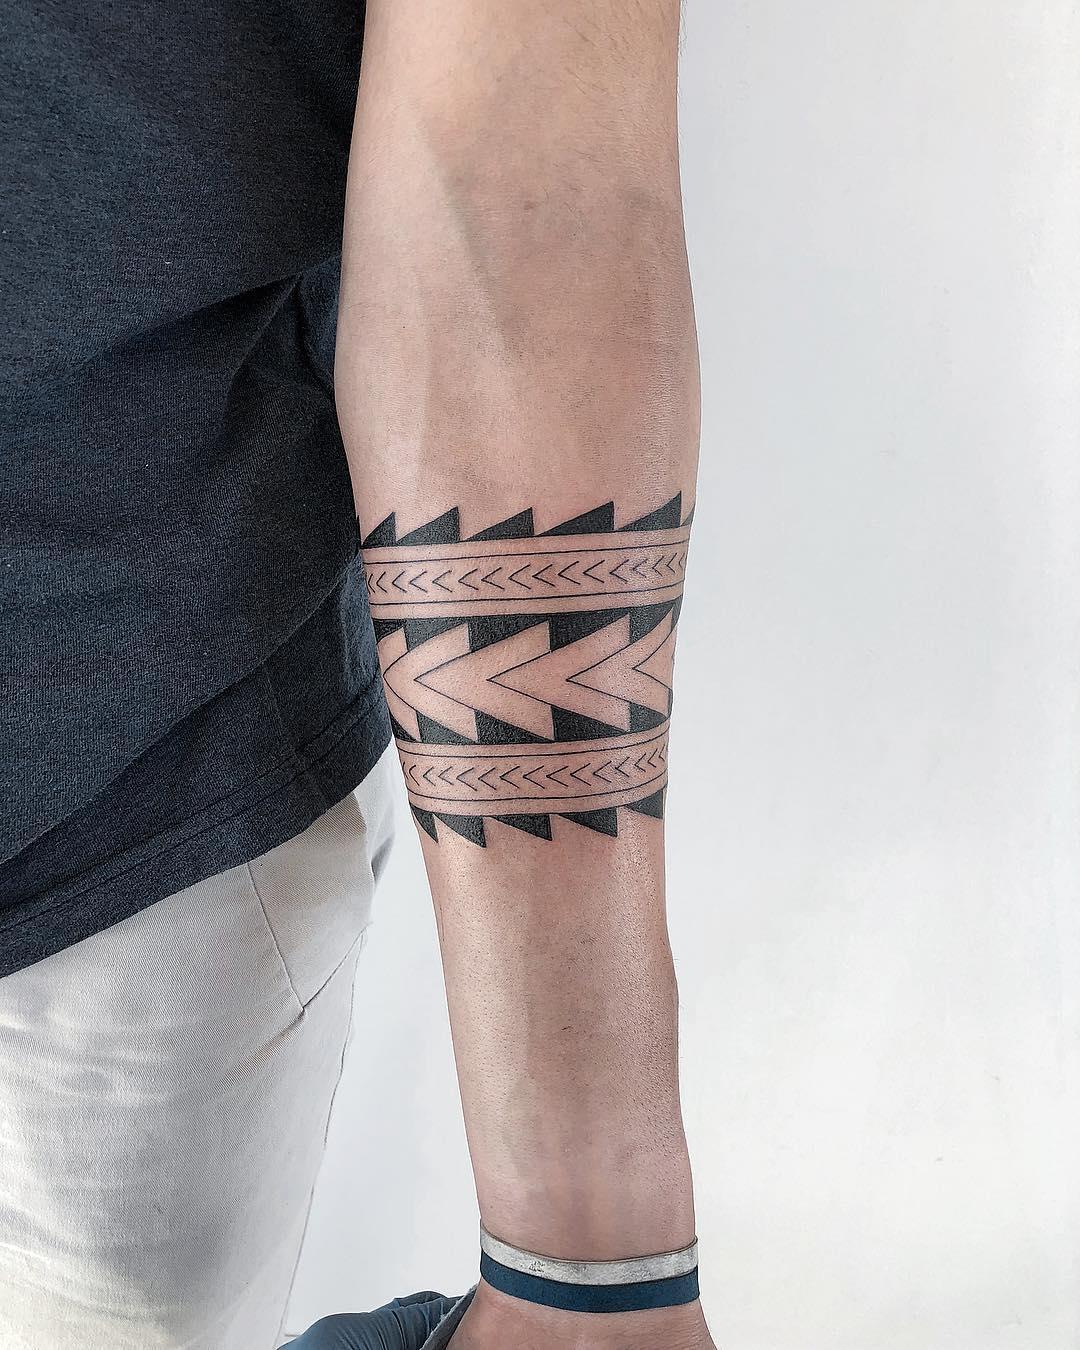 Maori bracelet by @soychapa